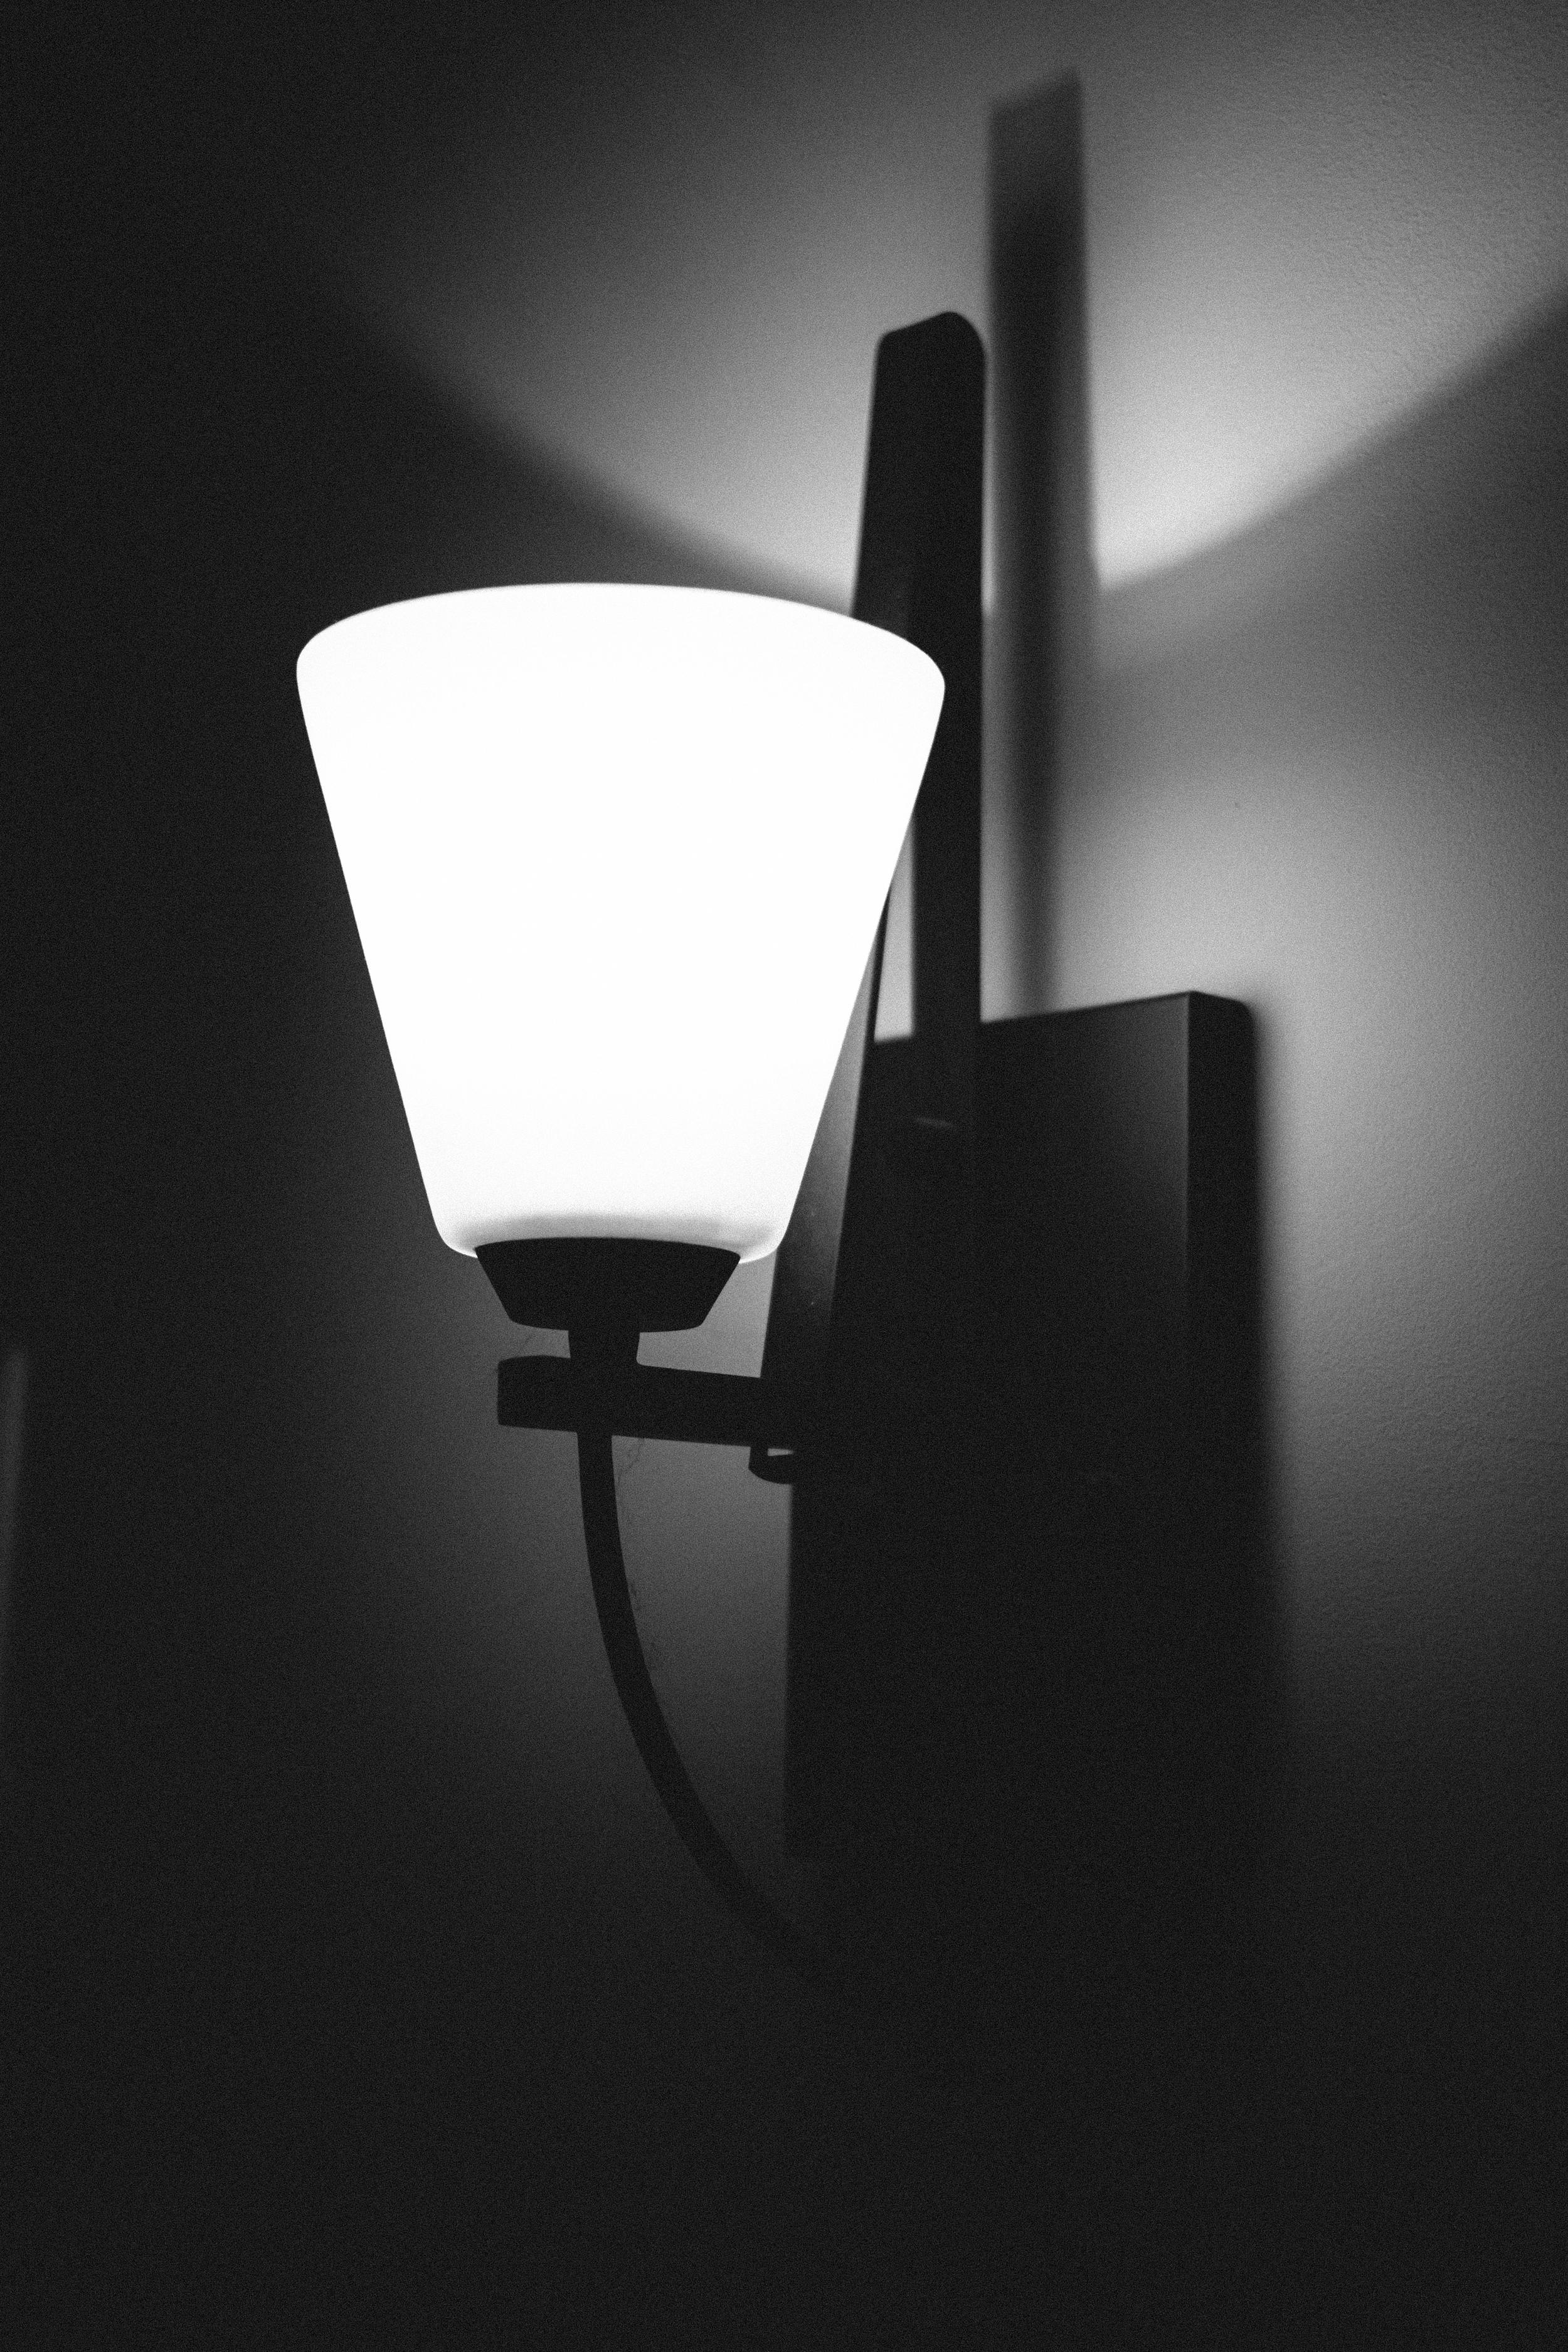 Staircase Lamp.jpg